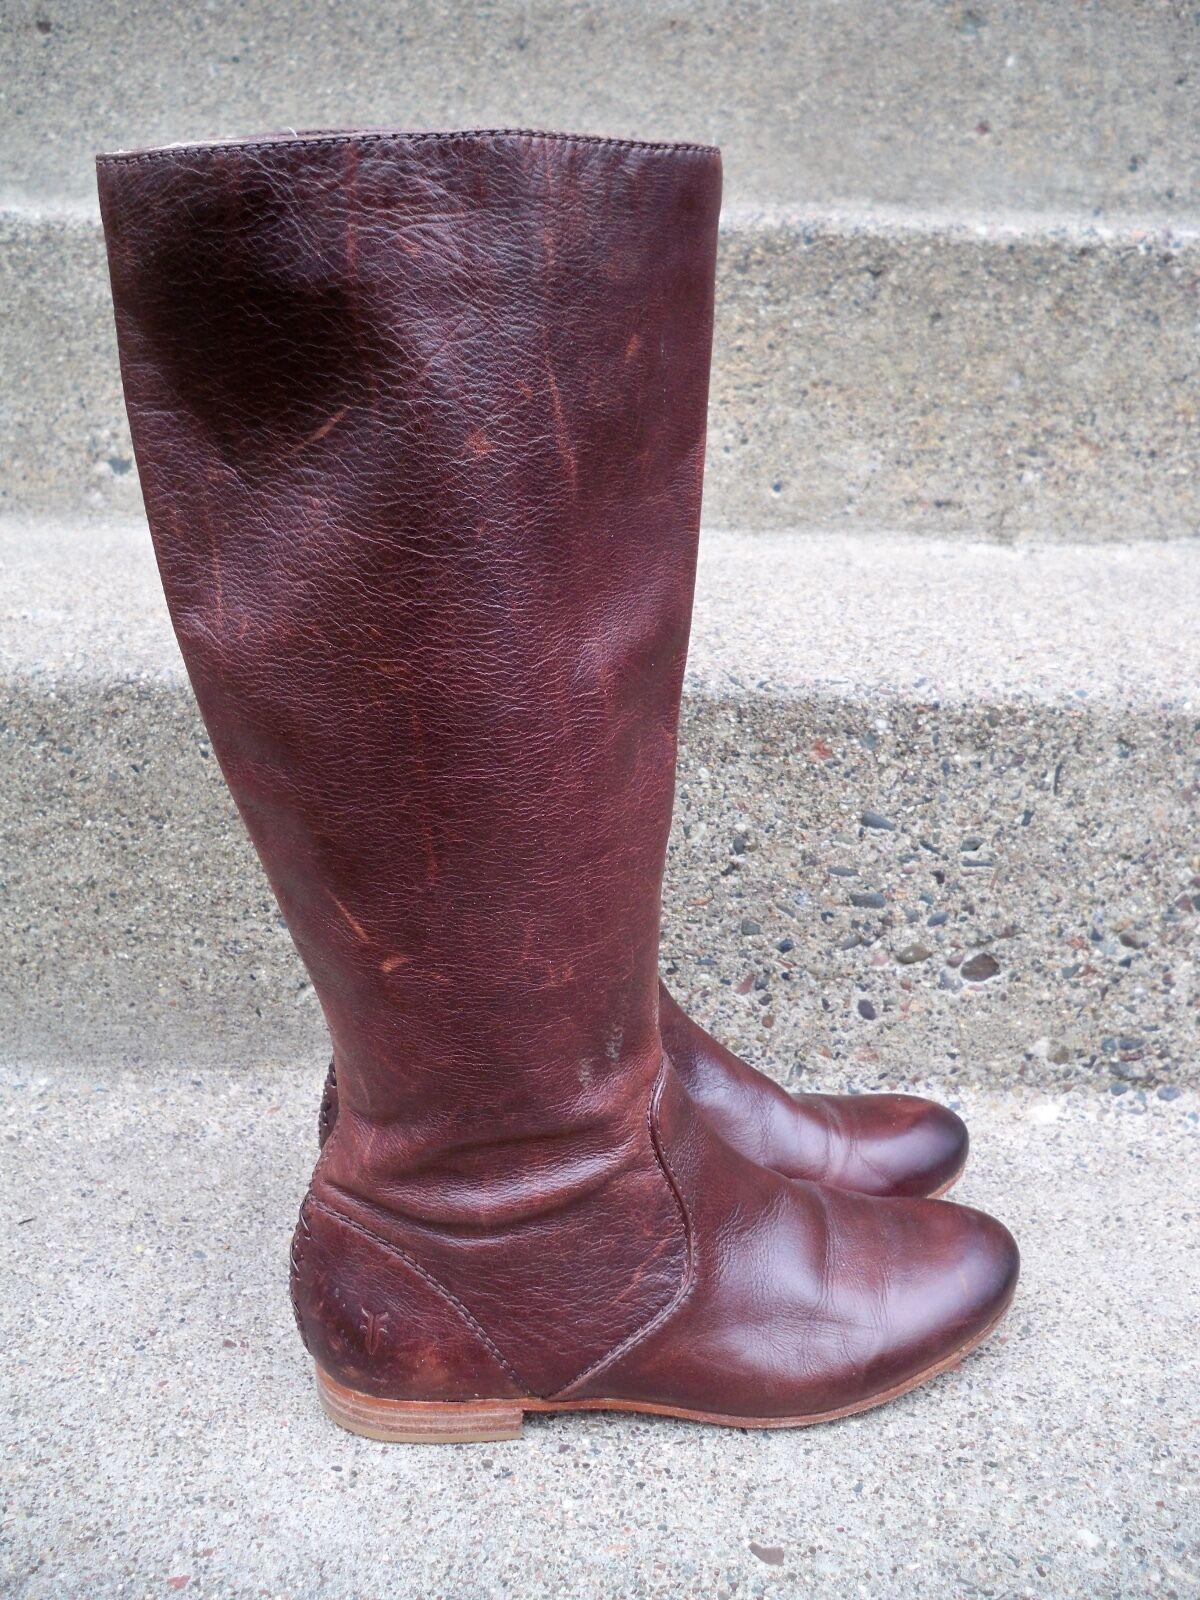 348 Frye  76010 Jillian Enfiler Haut En Cuir Marron Pour Femme Bottes D'Équitation Taille 5.5